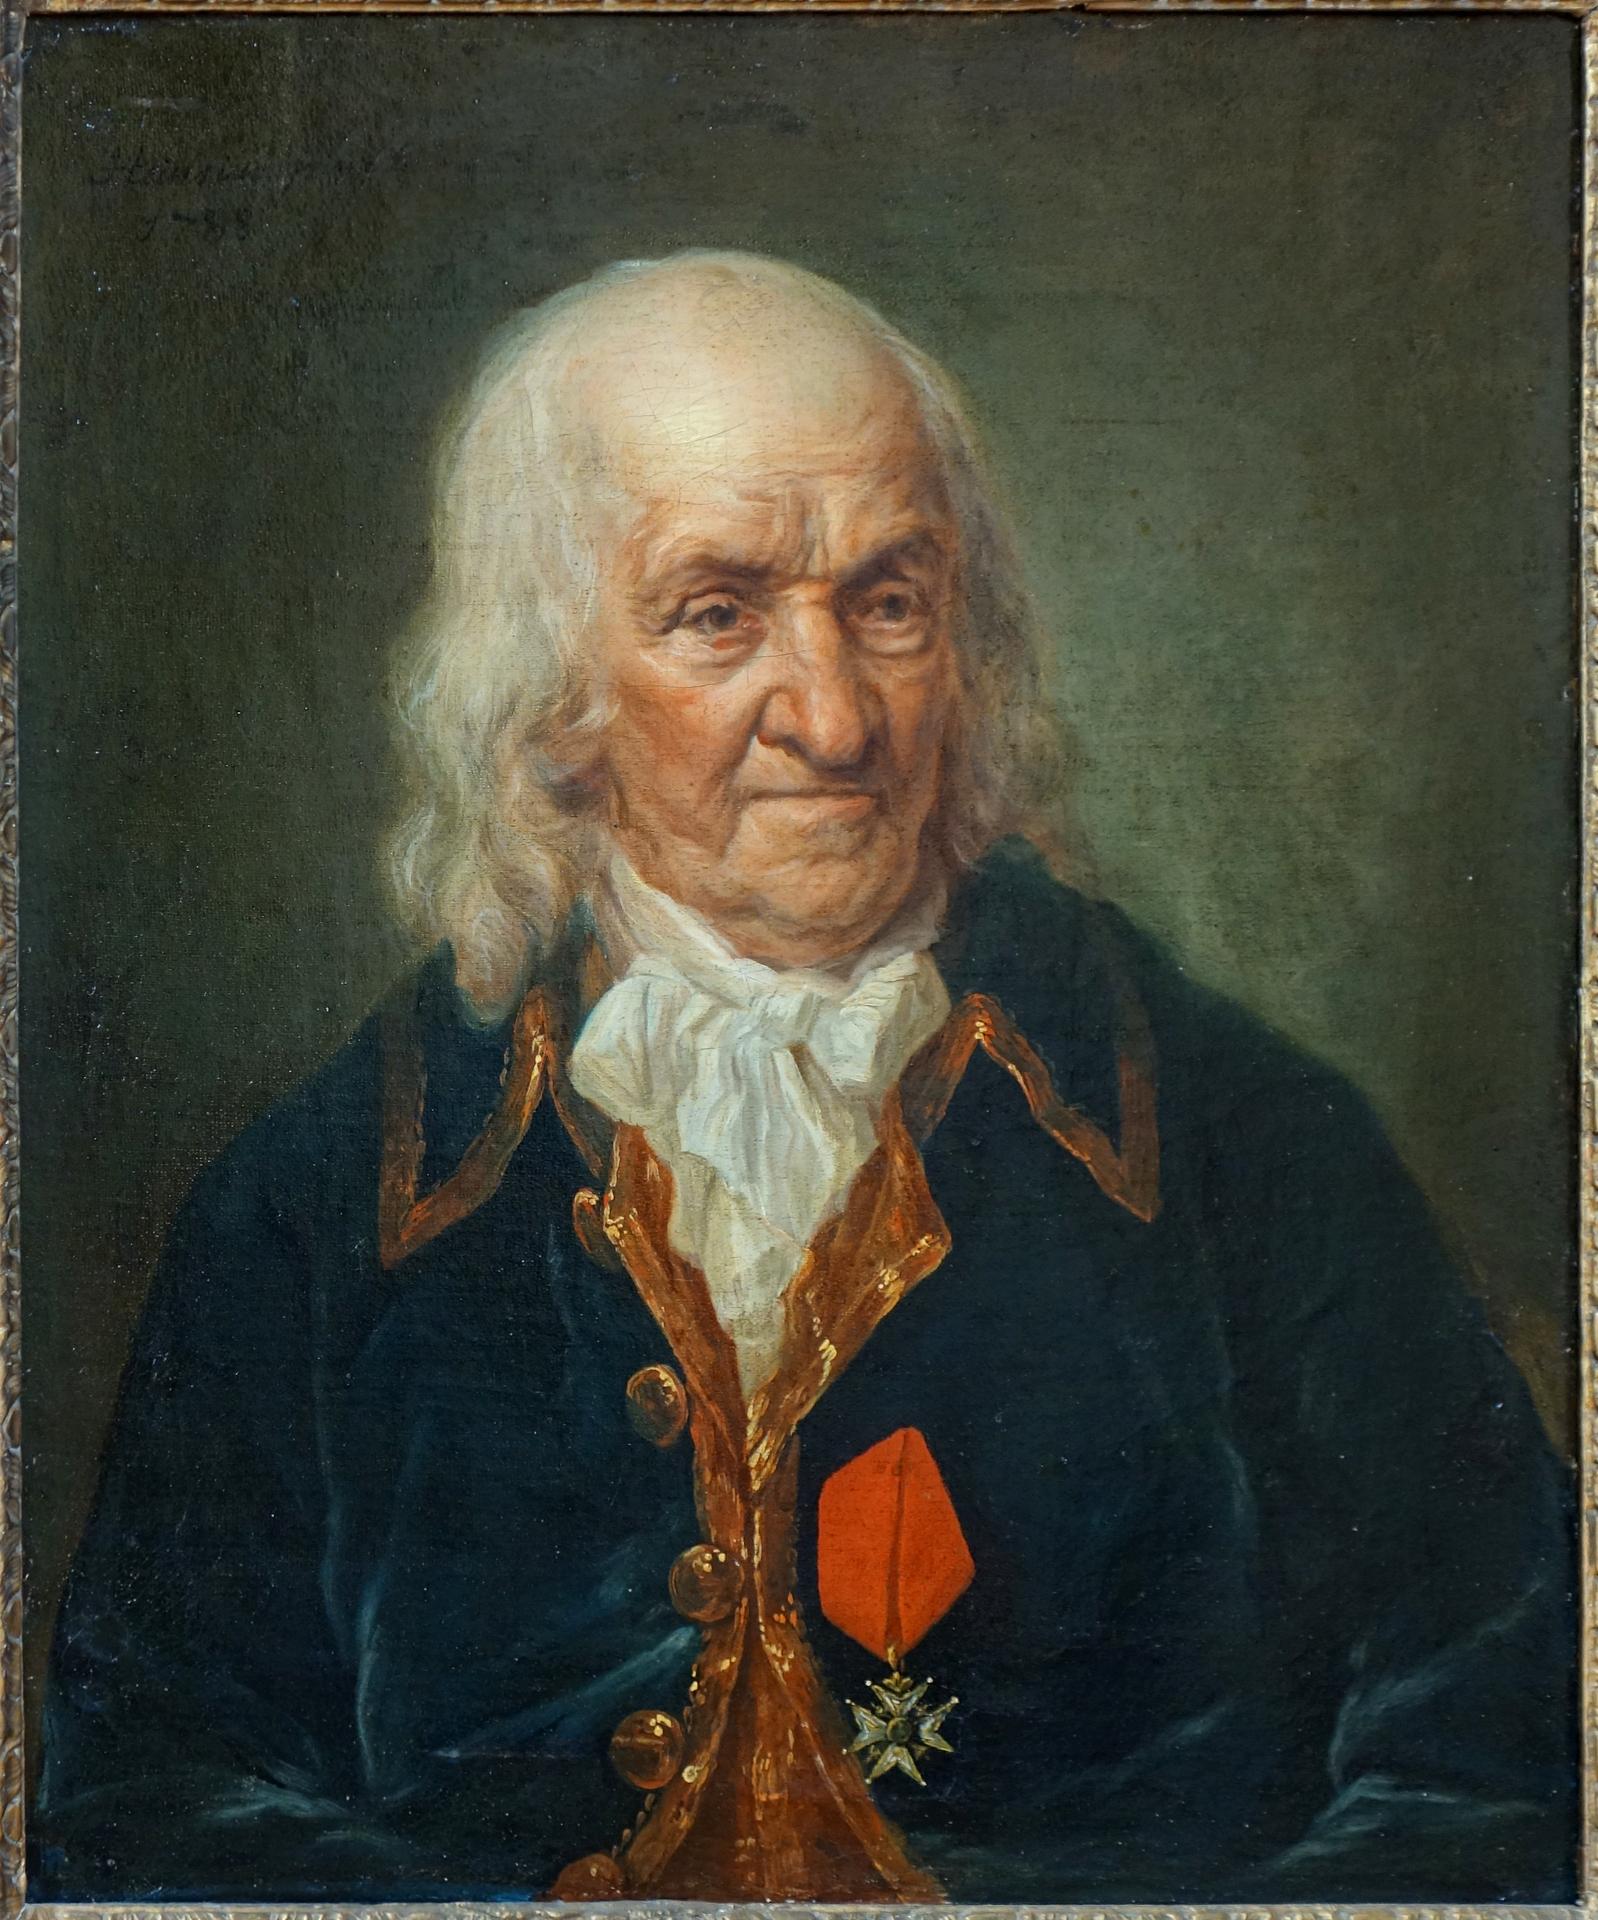 Portrait de vieillard décoré d'une croix du Saint-Esprit_0